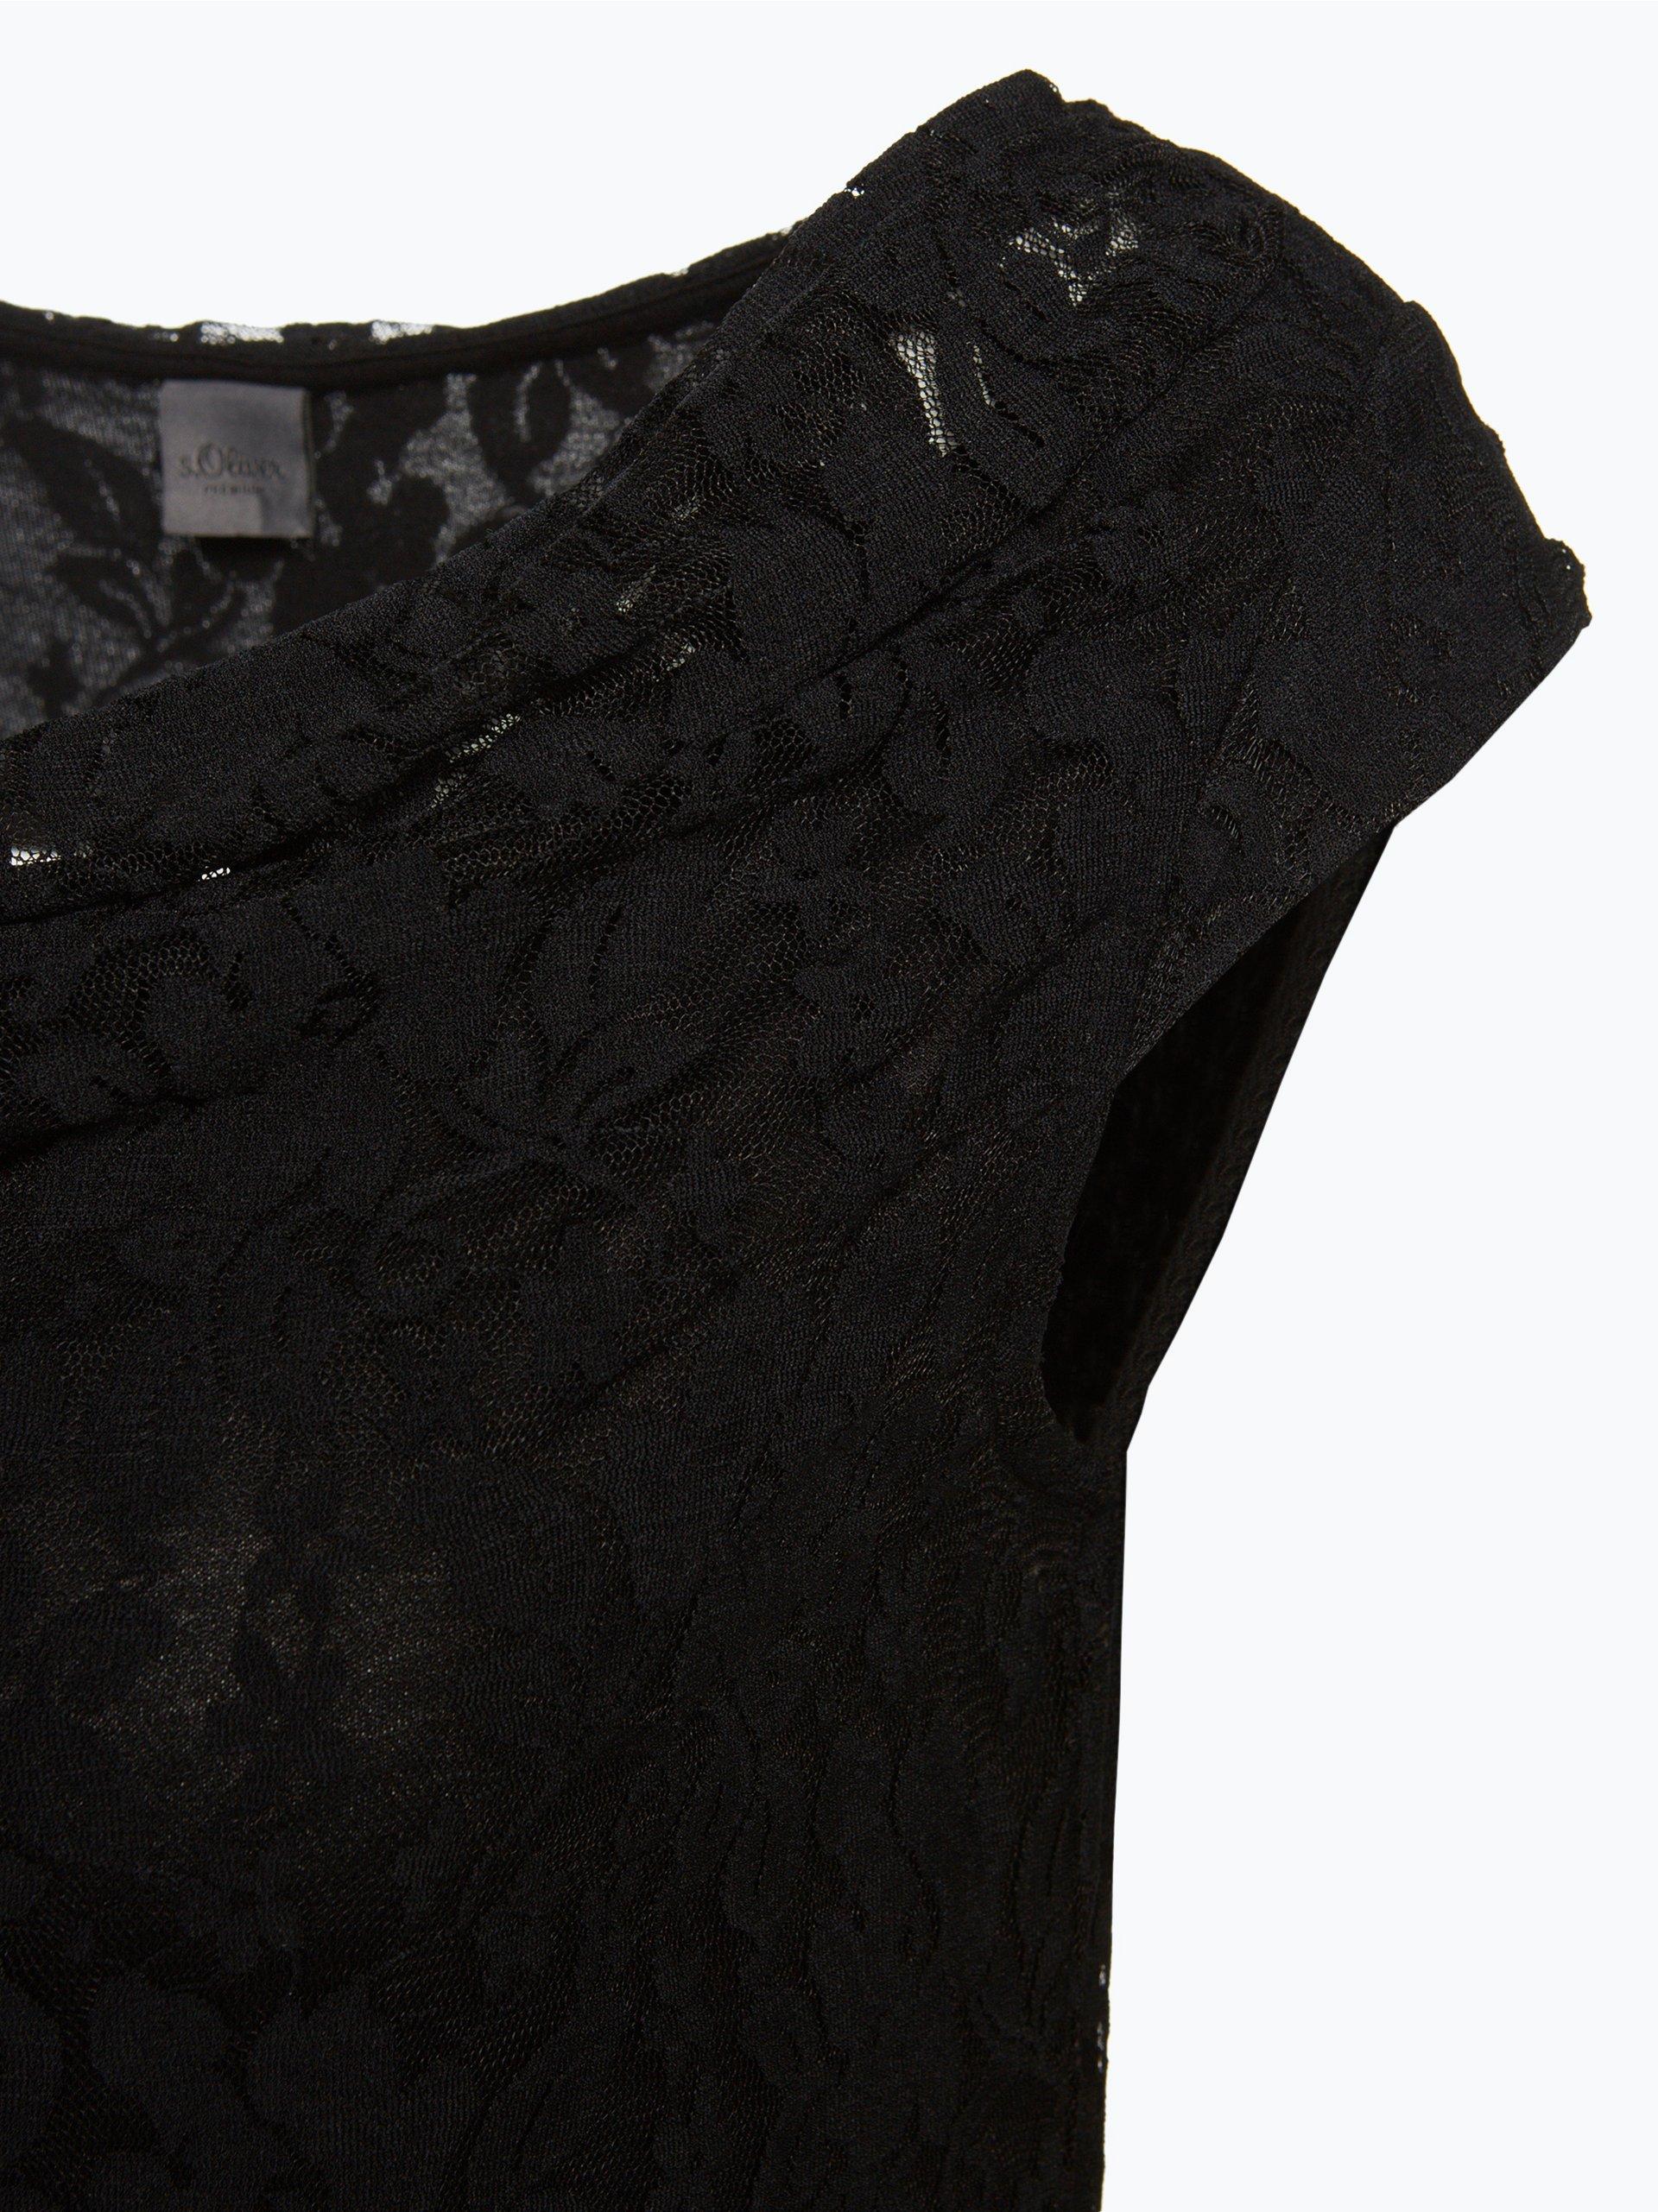 s oliver black label damen t shirt online kaufen peek. Black Bedroom Furniture Sets. Home Design Ideas